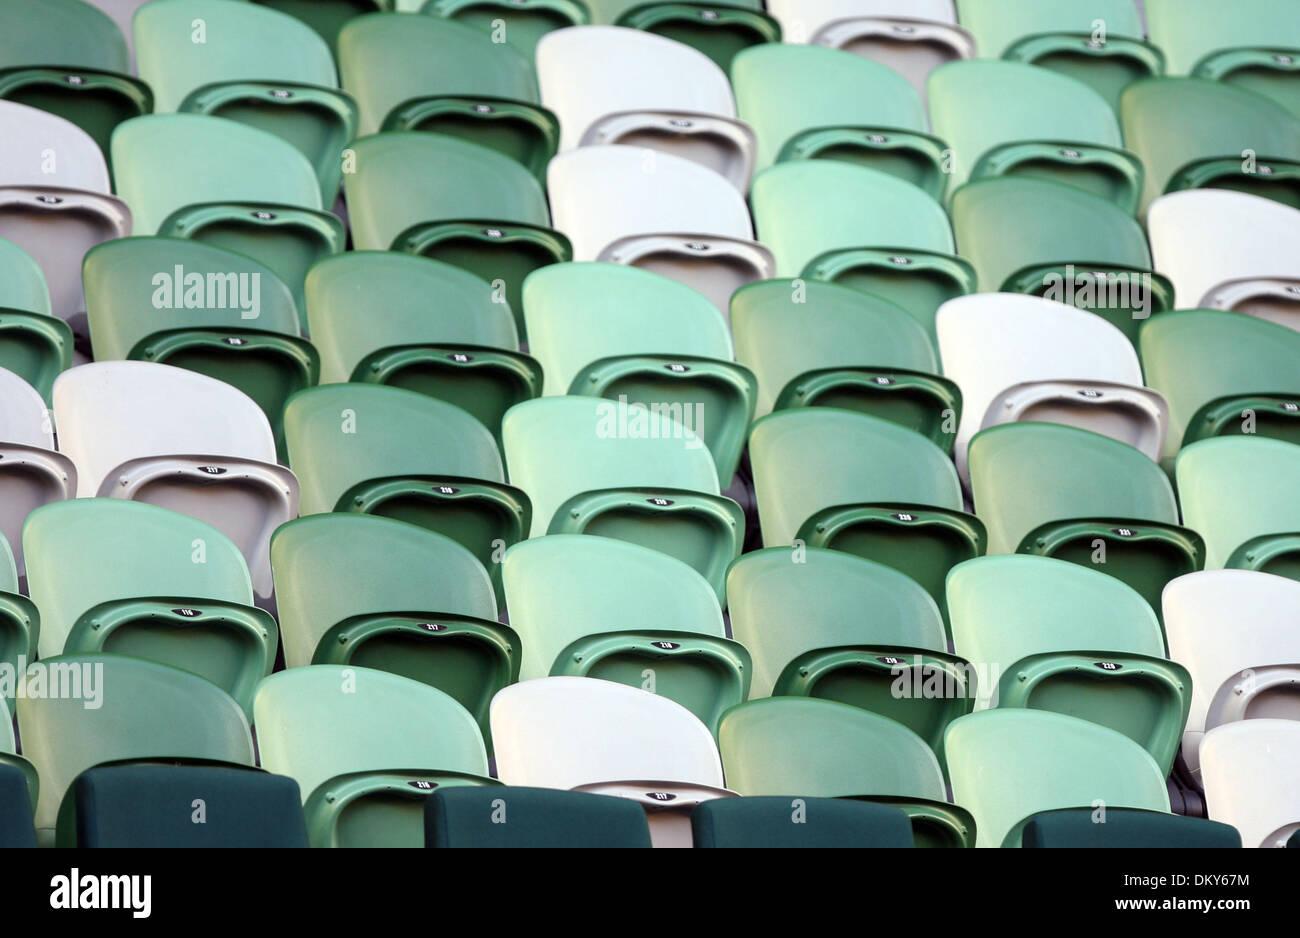 Jan 20, 2010 - Melbourne, Victoria, Australia - asientos del estadio vacío durante el Justine Henin (BEL) vs Imagen De Stock